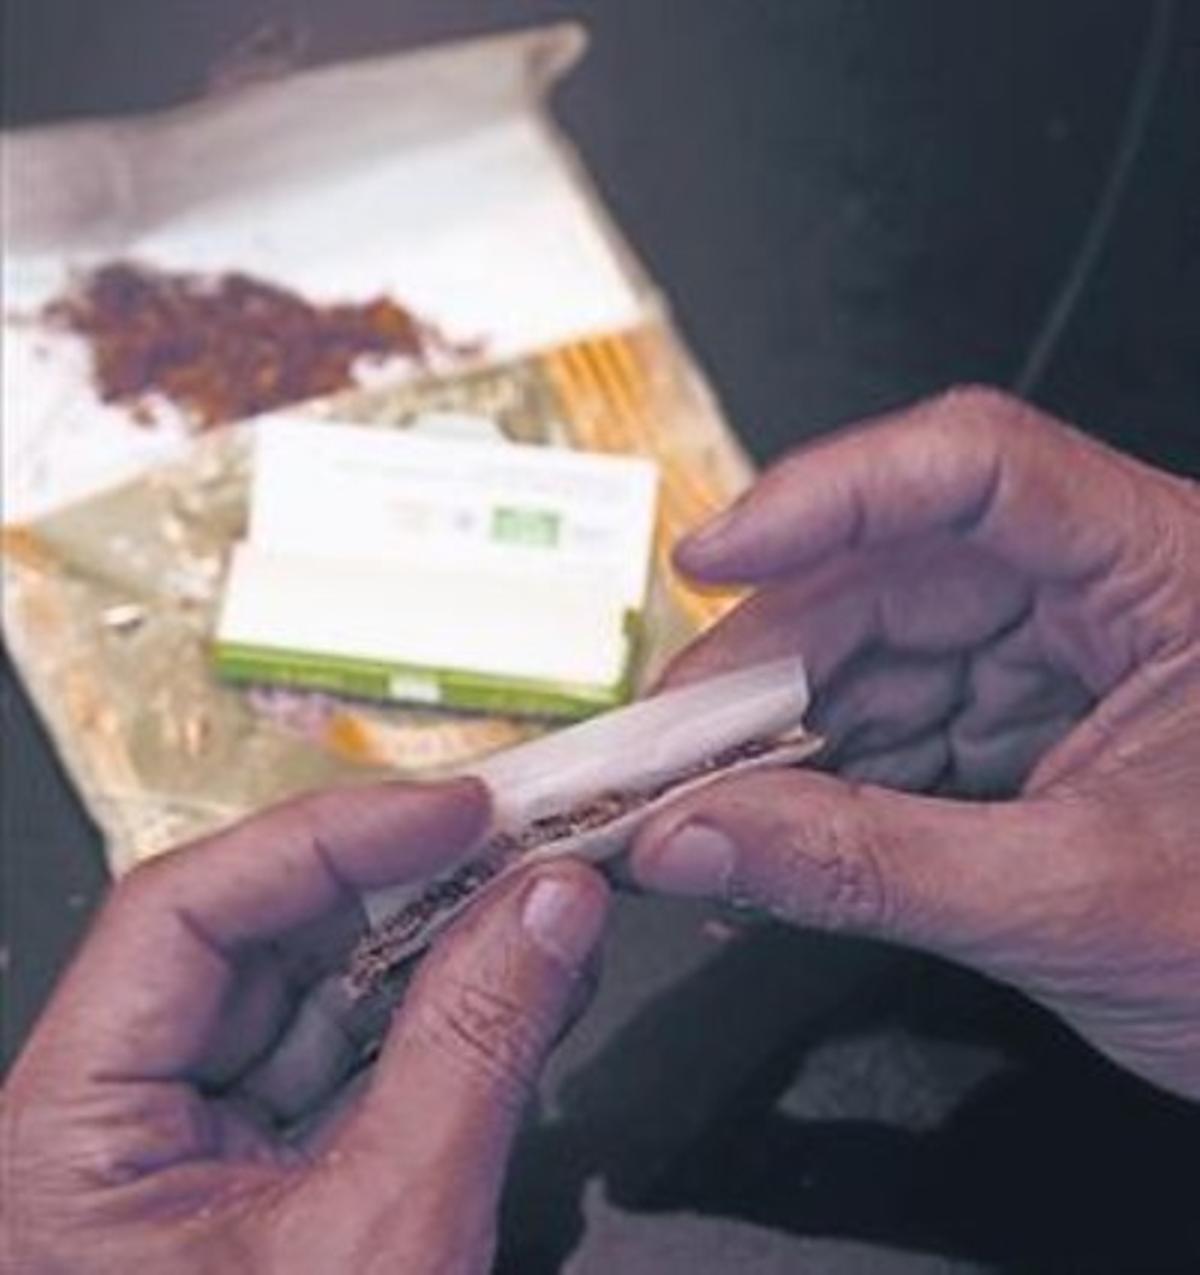 Un hombre lía un cigarrillo, tendencia creciente entre los fumadores.